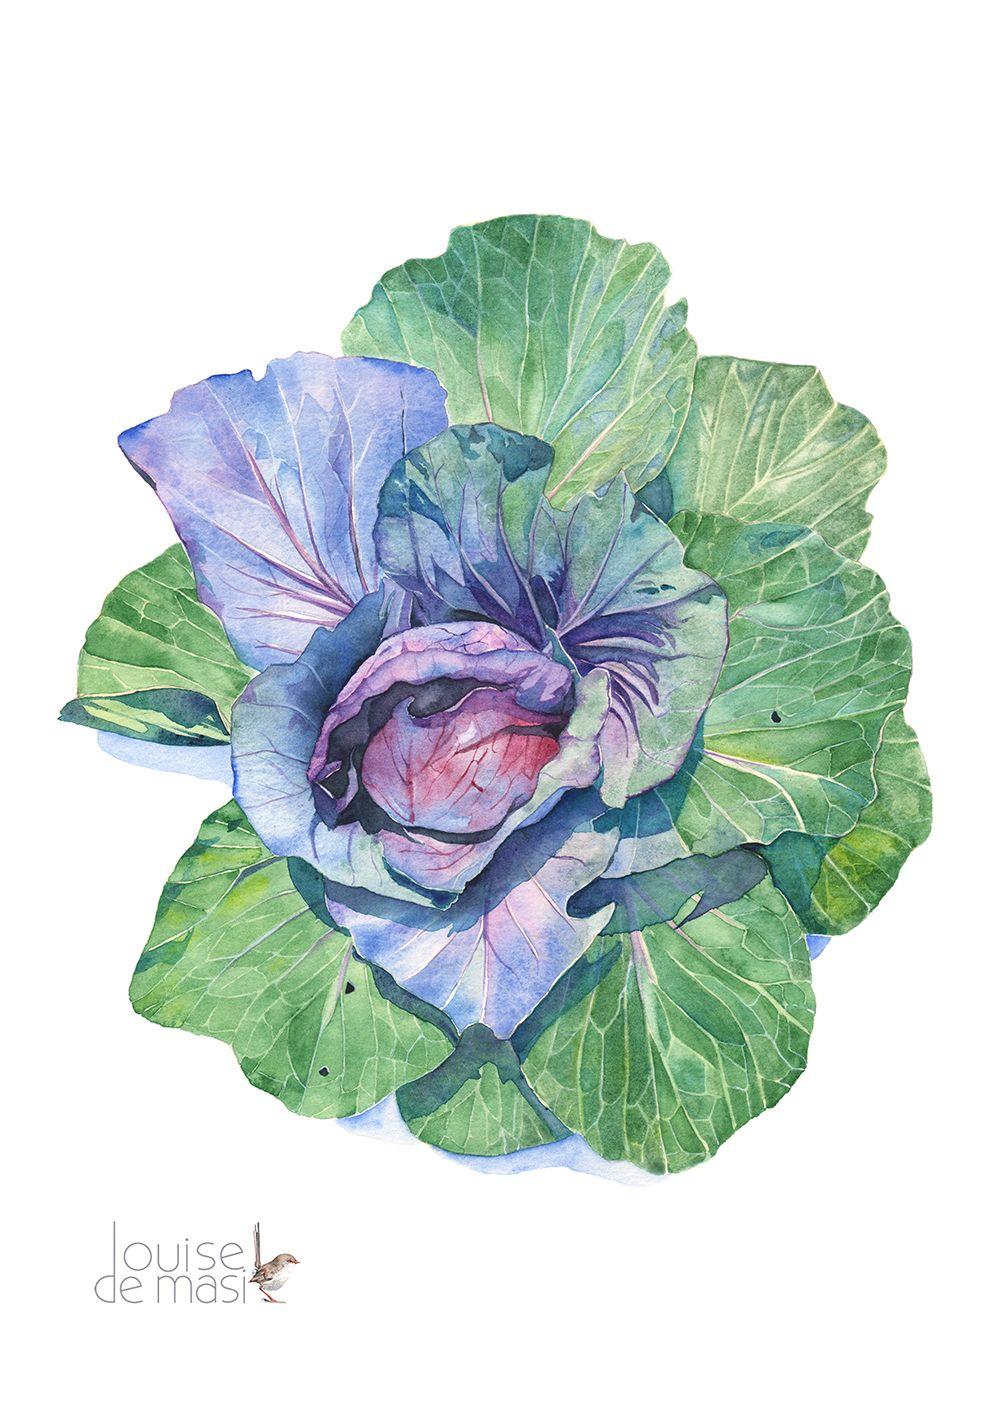 Cabbage En 2020 Aquarelle Dessin Et Peinture